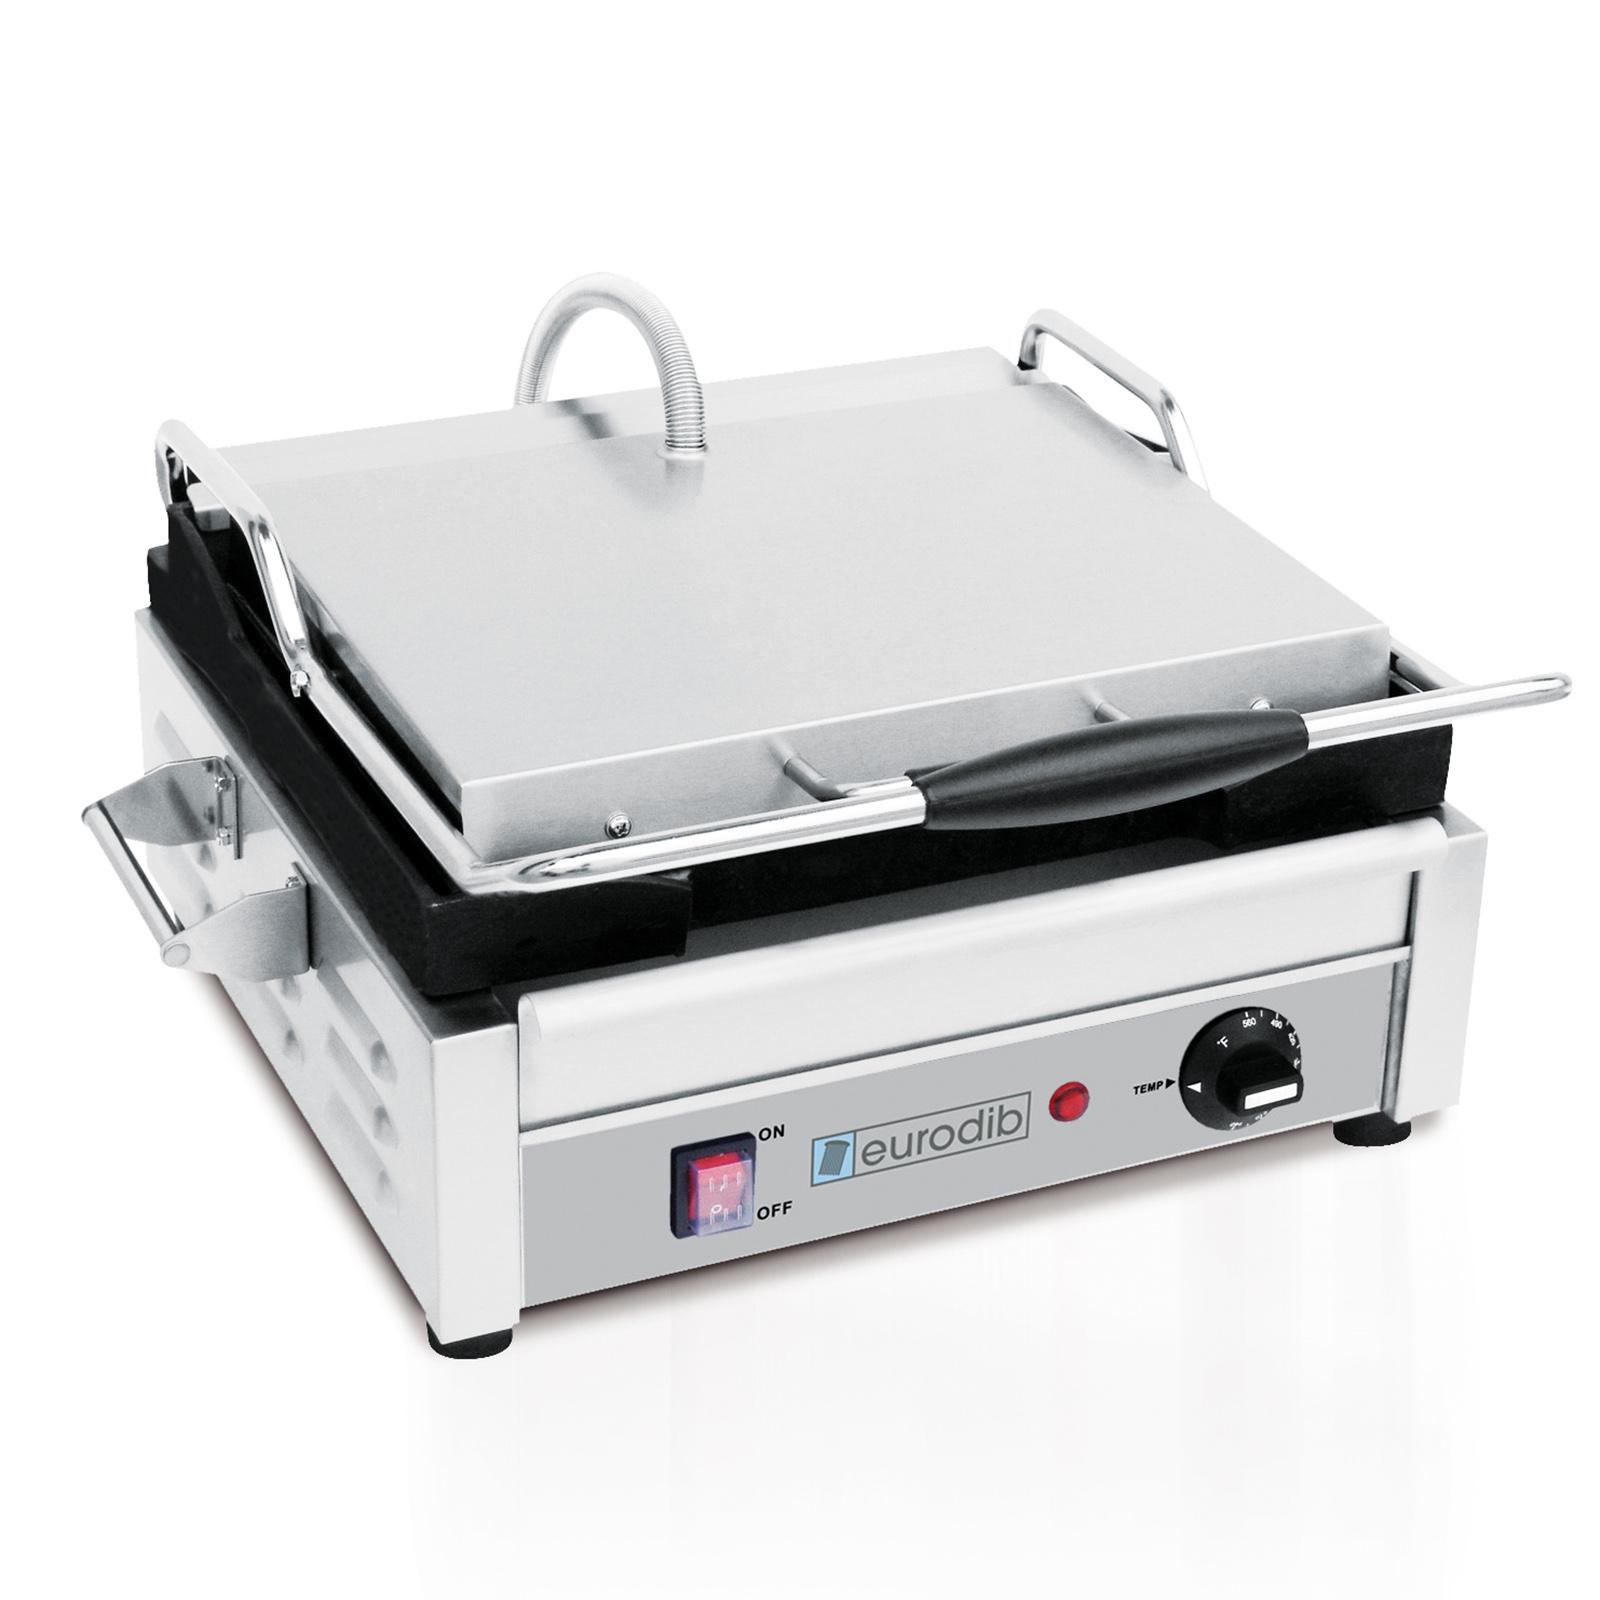 Eurodib USA SFE02340-240 sandwich / panini grill